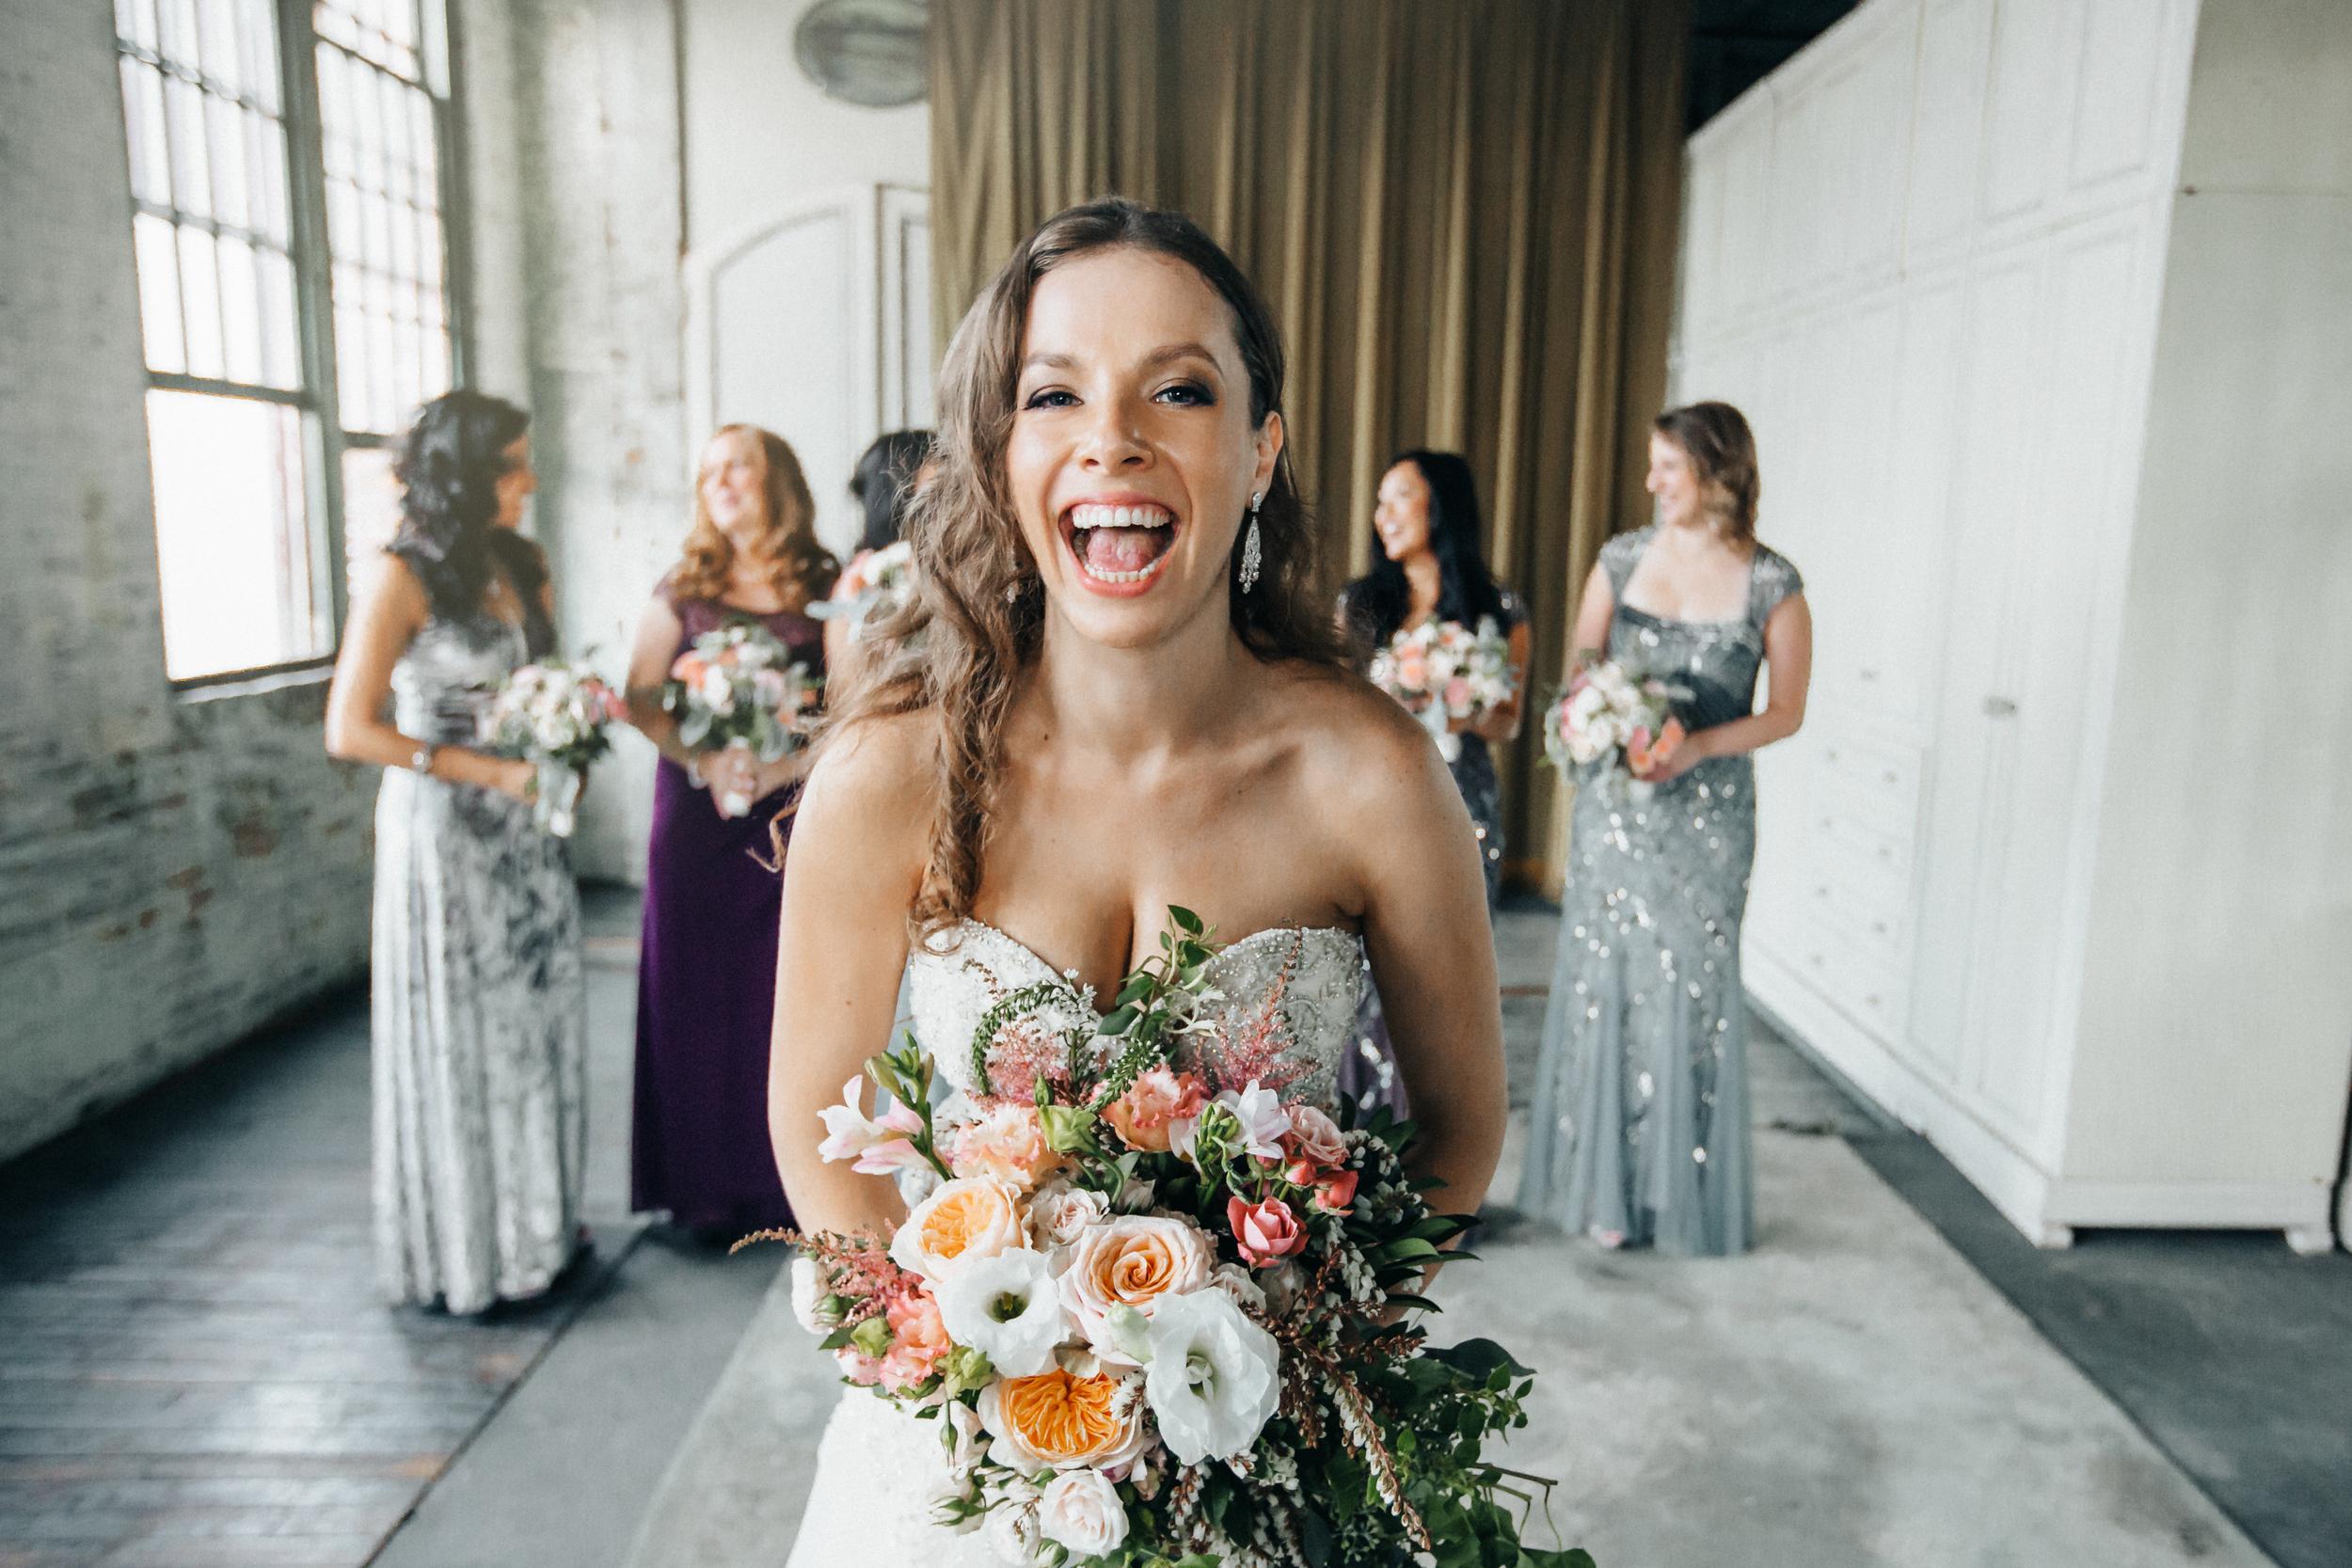 New York Wedding Photographer Boris Zaretsky Boris_Zaretsky_Photography_1N3A0782-Edit copy 2.jpg